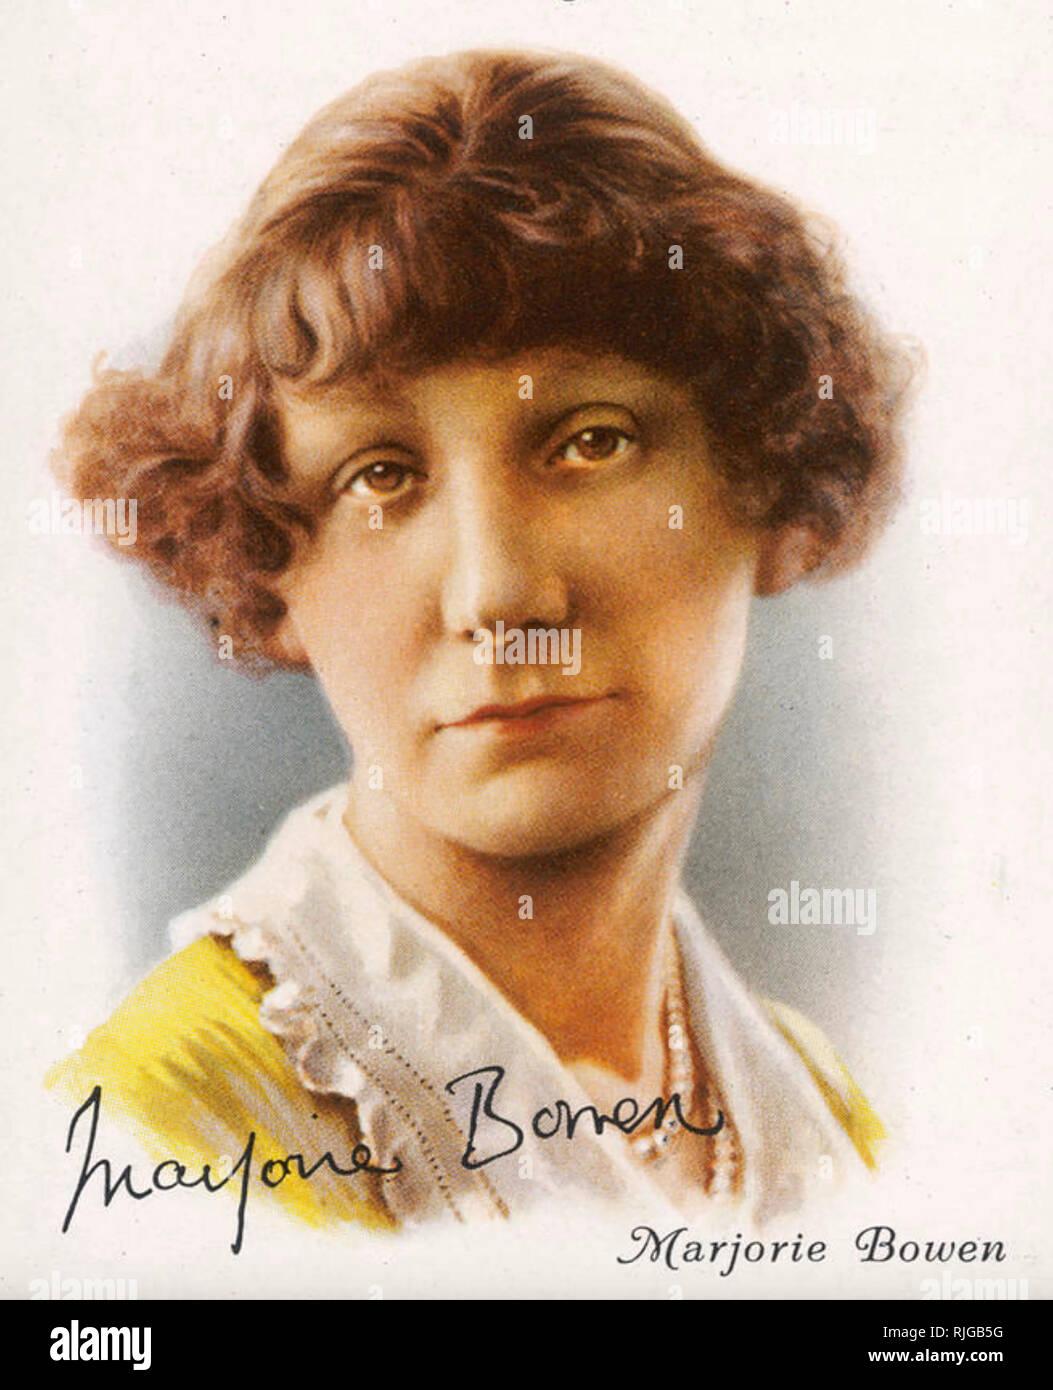 MARJORIE BOWEN (1885-1952) auteur de romans d'anglais, d'histoire et d'histoires d'horreur sur une carte cigarette vers 1925 Photo Stock